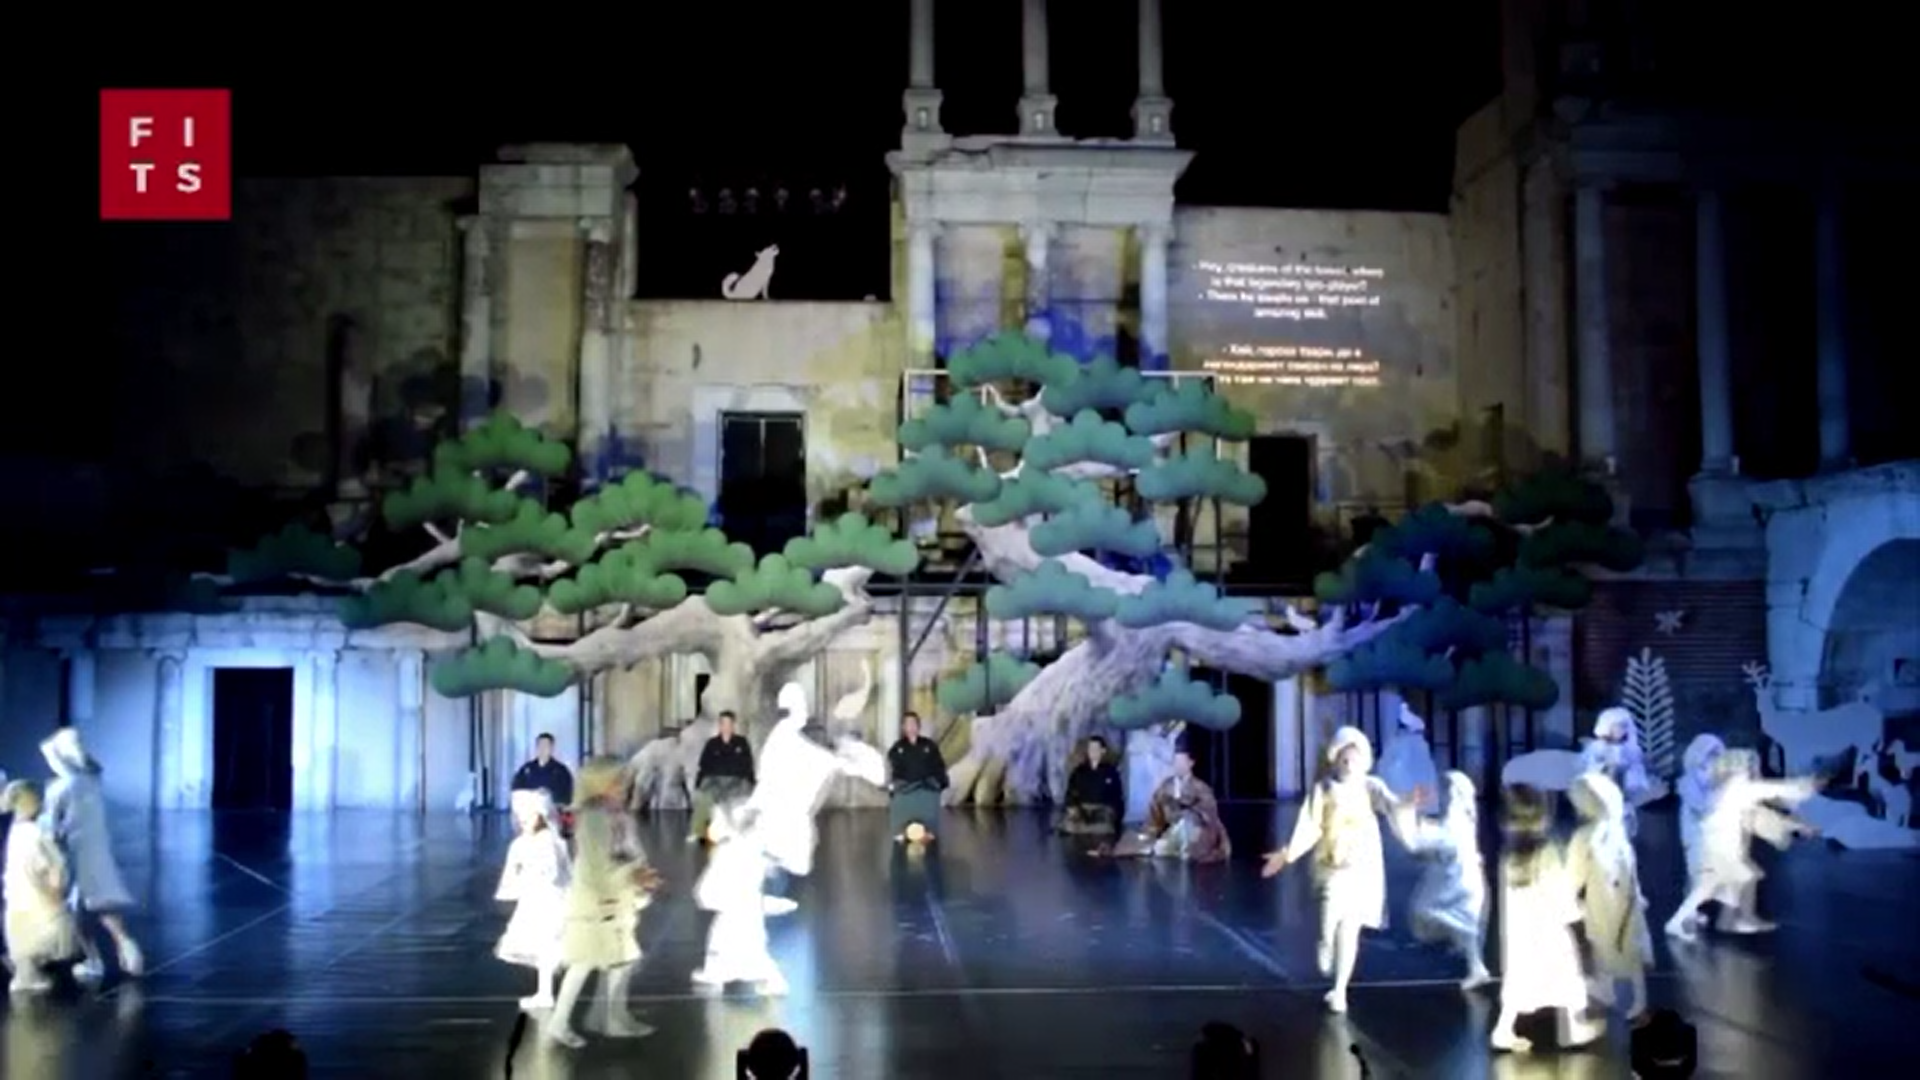 Festivalul internaţional de teatru începe la Sibiu. peste 2.000 de artiști din 38 de țări vor fi prezenți